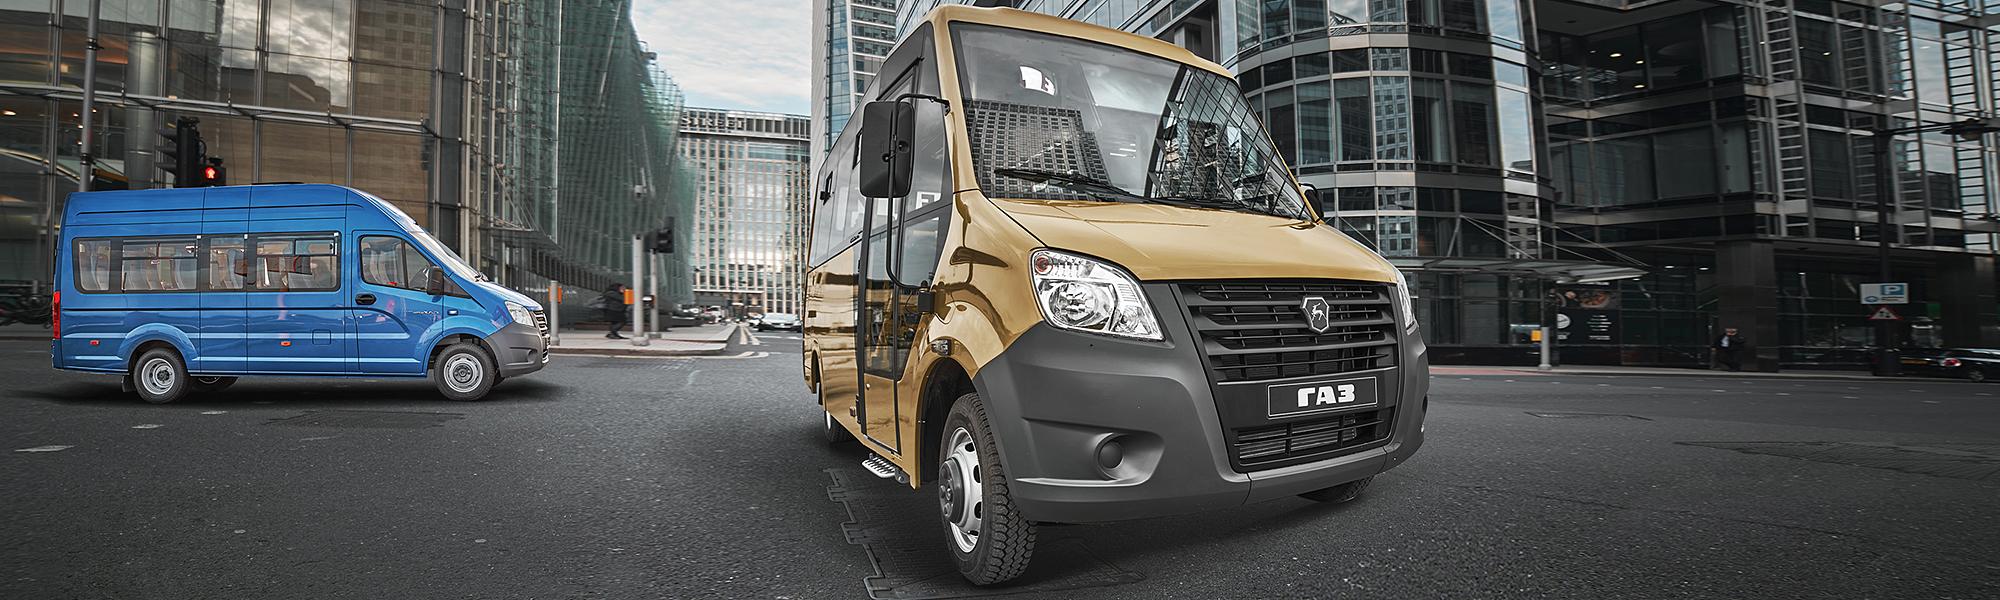 Автомобили семейства ГАЗель Next Автобусы. Десктопное изображение